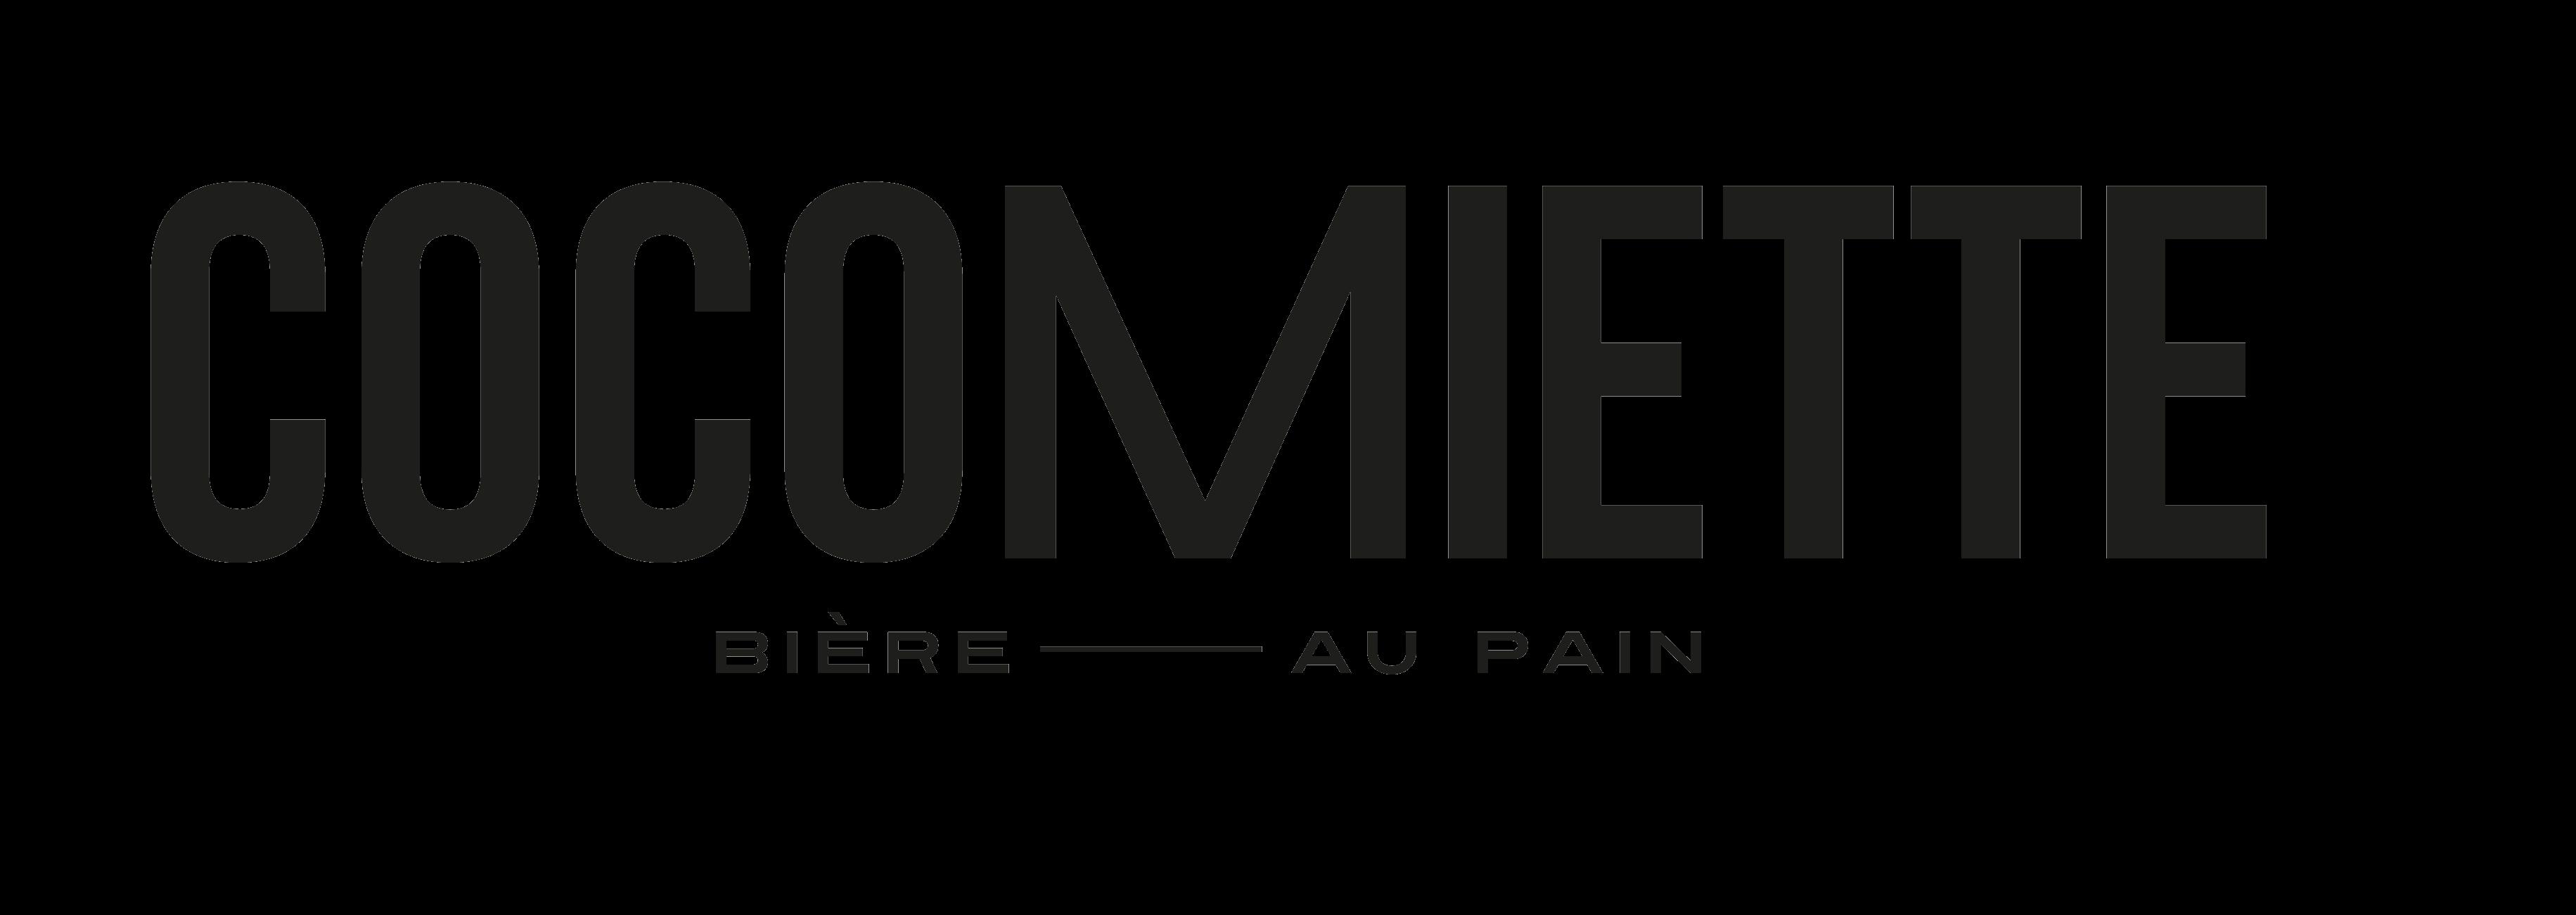 """Résultat de recherche d'images pour """"cocomiette"""""""